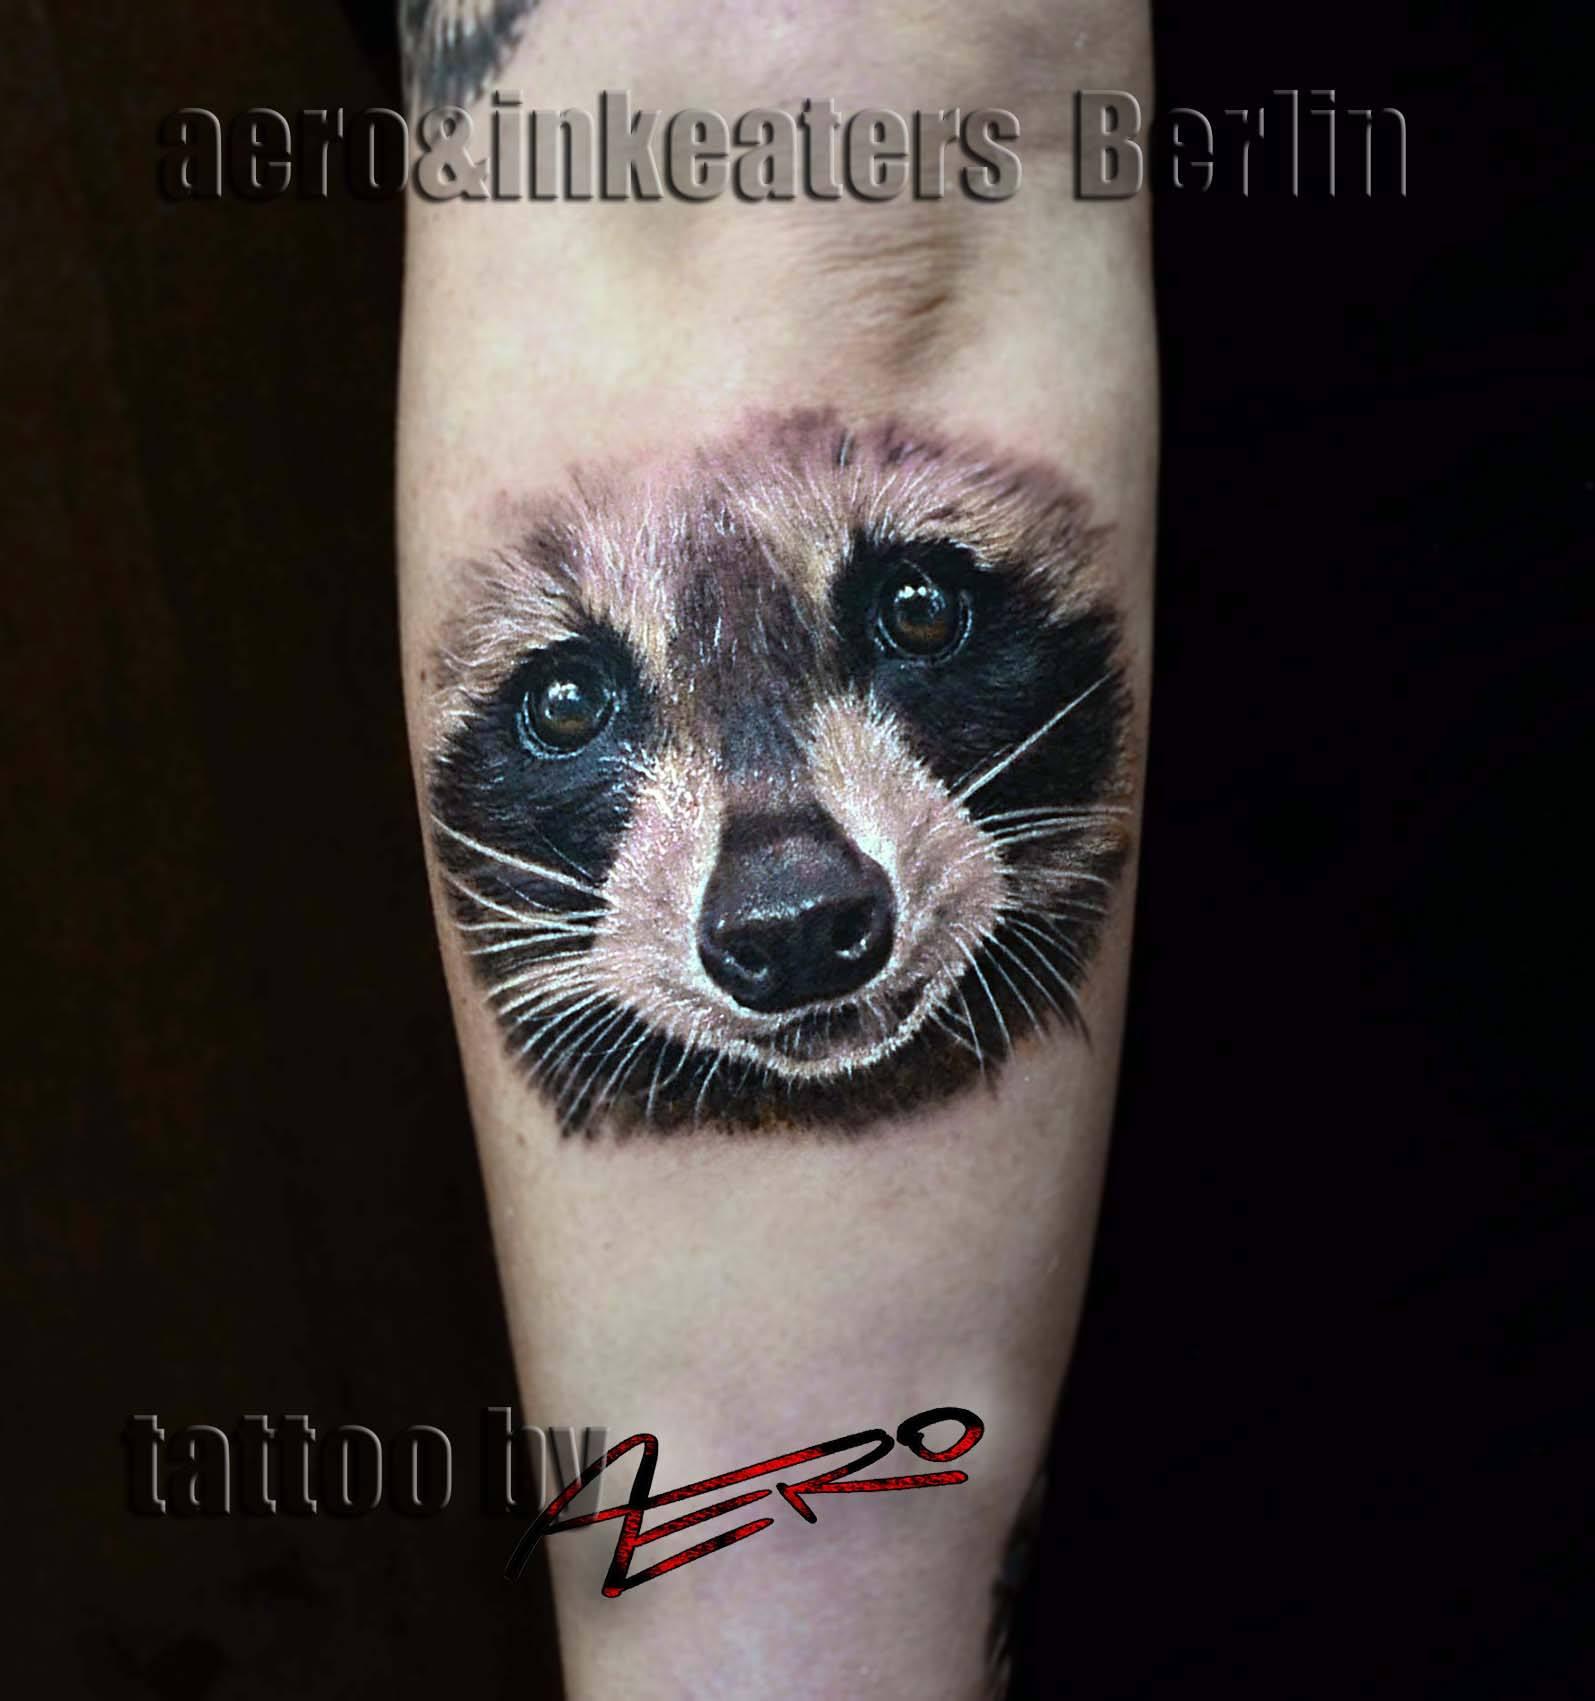 Tattoo von einem Waschbär Kopf auf dem Unterarm.